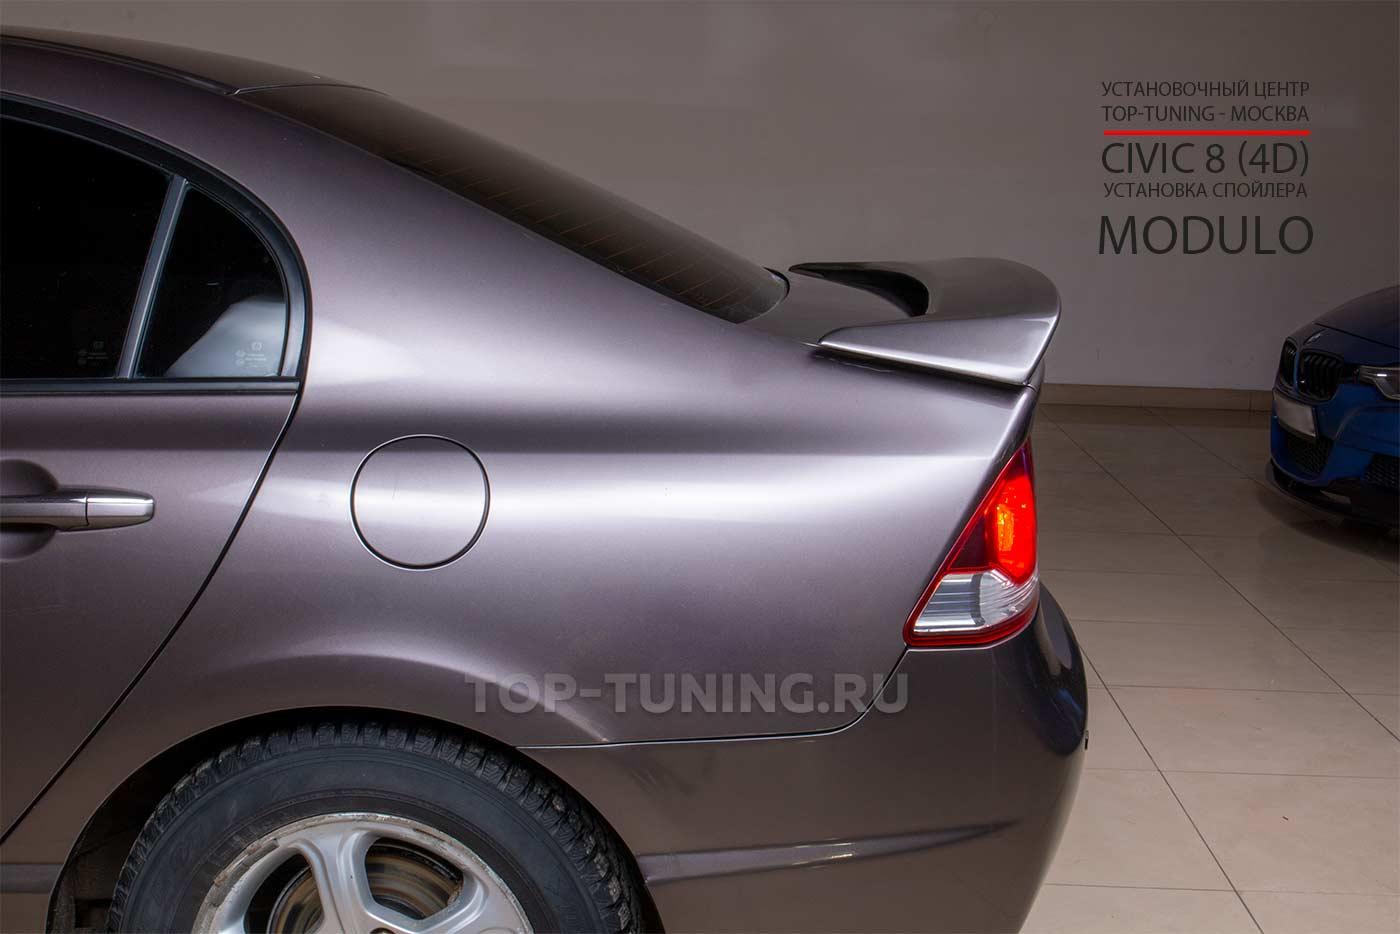 4551 Тюнинг - Спойлер Modulo на Honda Civic 8 седан